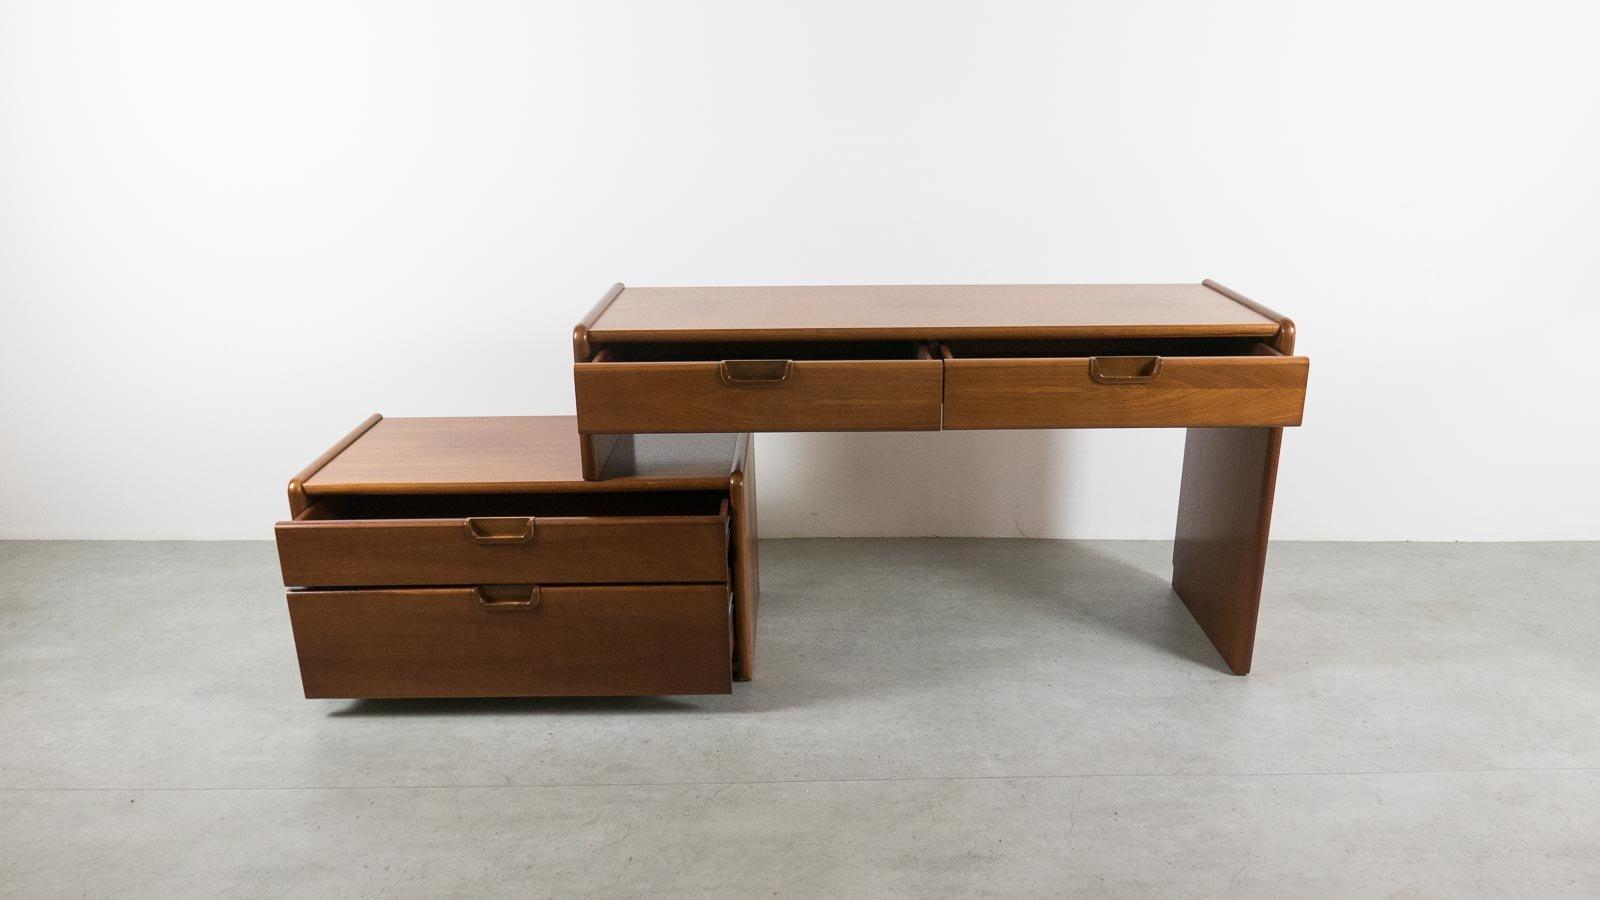 mid century schreibtisch mit lagerfach von moser bei pamono kaufen. Black Bedroom Furniture Sets. Home Design Ideas